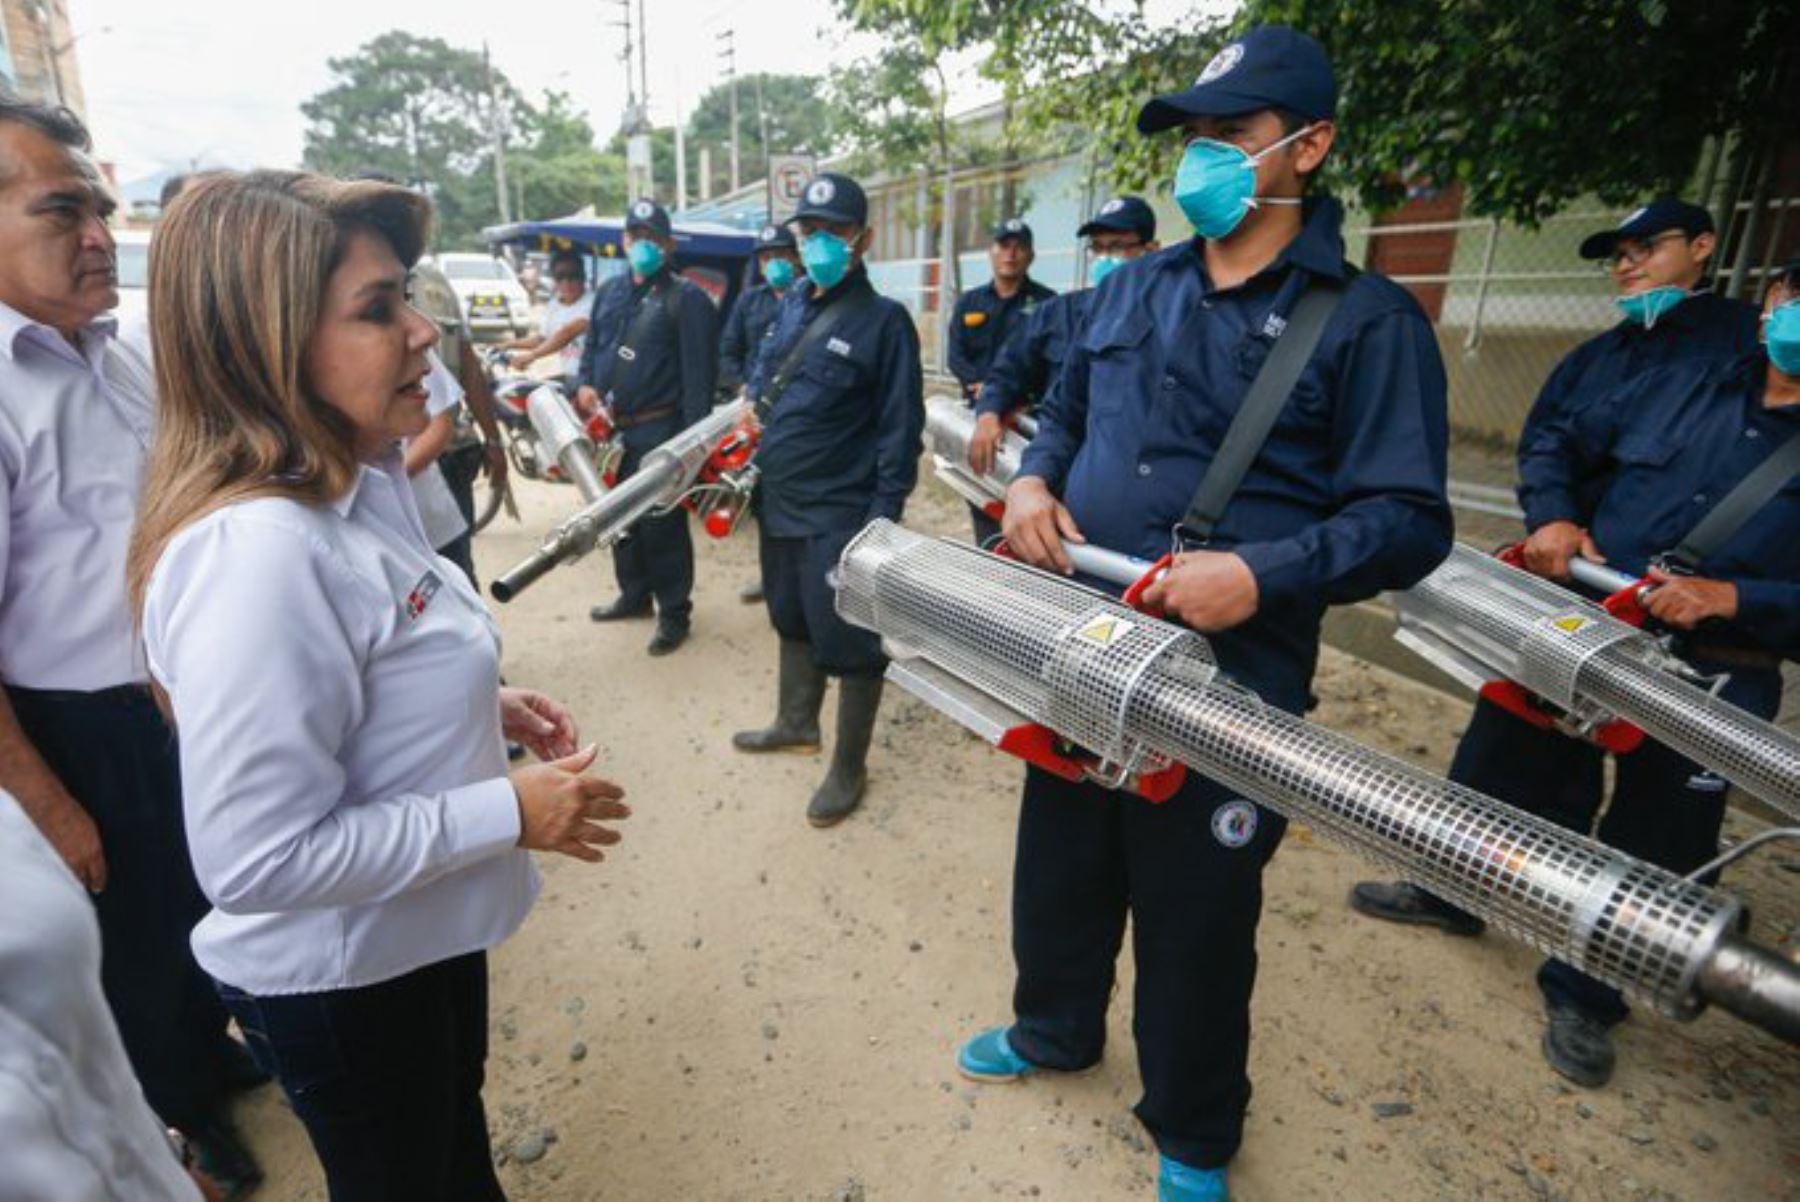 La ministra de Salud, Elizabeth Hinostroza, llegó hoy al departamento de San Martín para supervisar las acciones contra el vector Aedes aegypti que transmite el dengue.